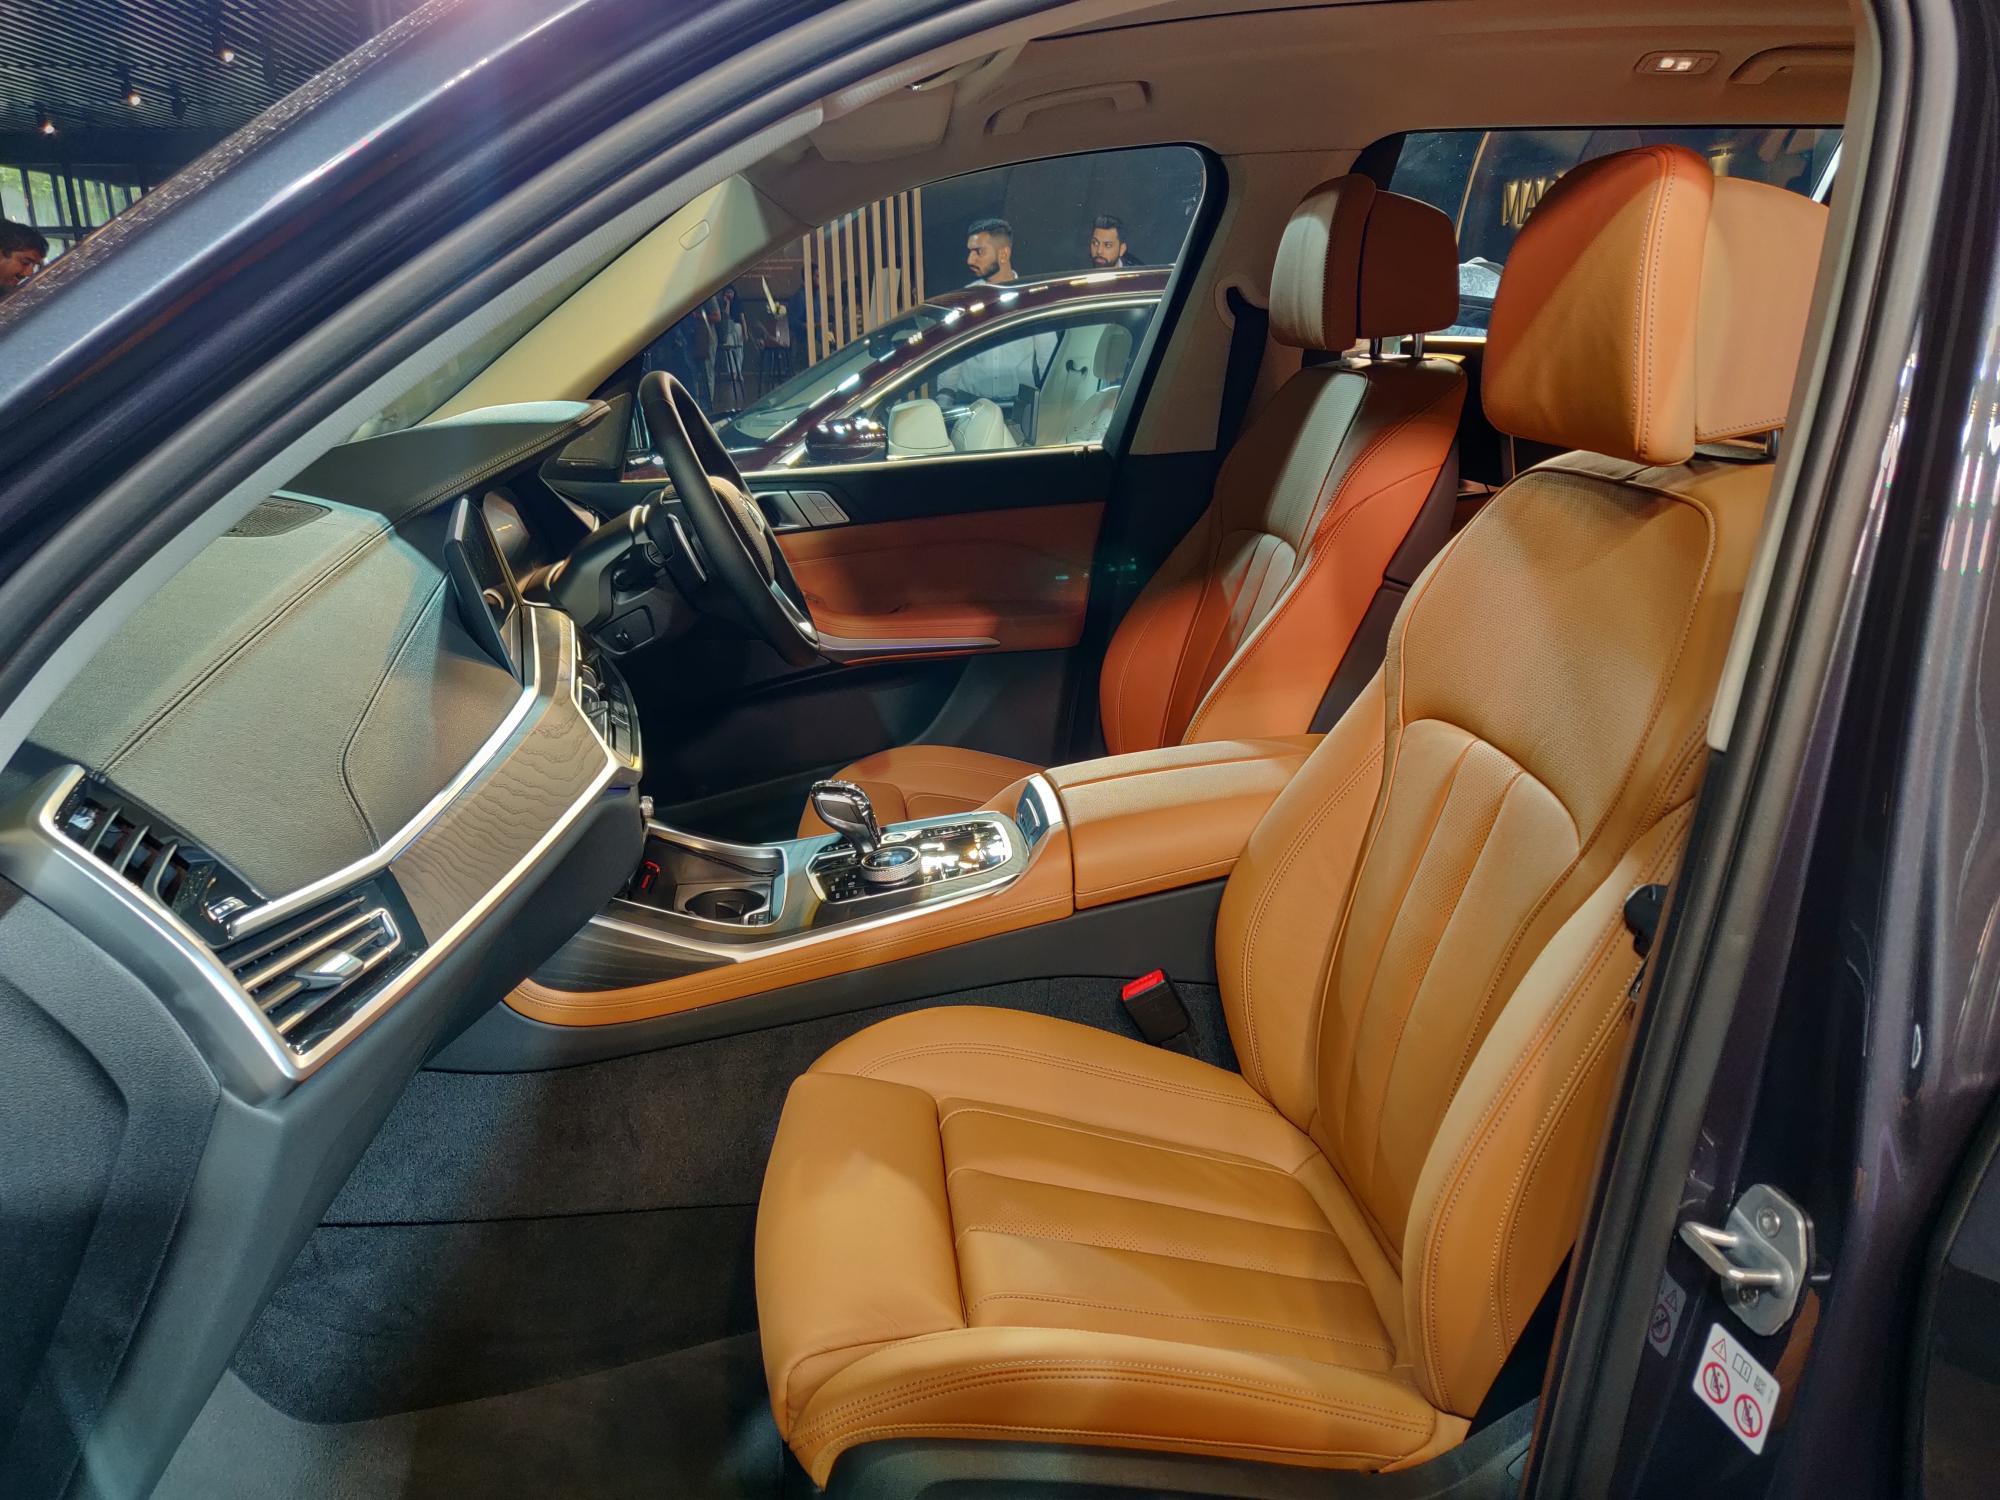 bmw-x7-interior-5-9e10.jpg